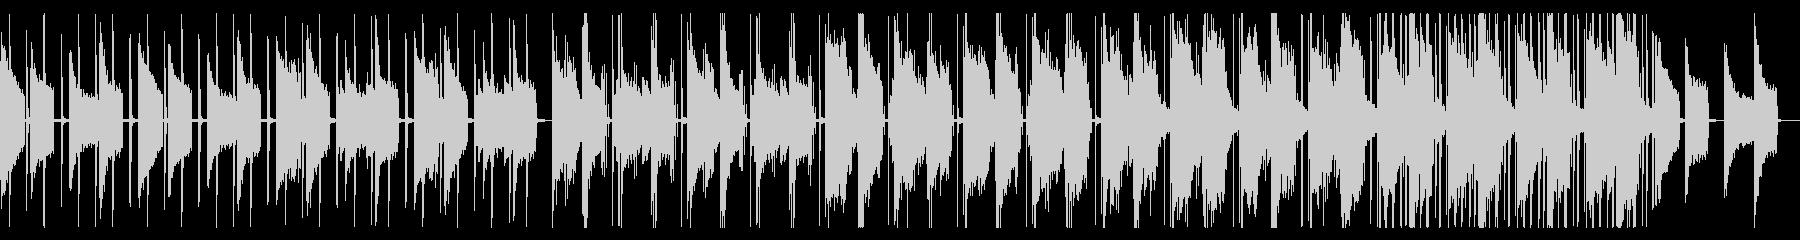 ピアノとベルの落ち着いたヒップホップの未再生の波形